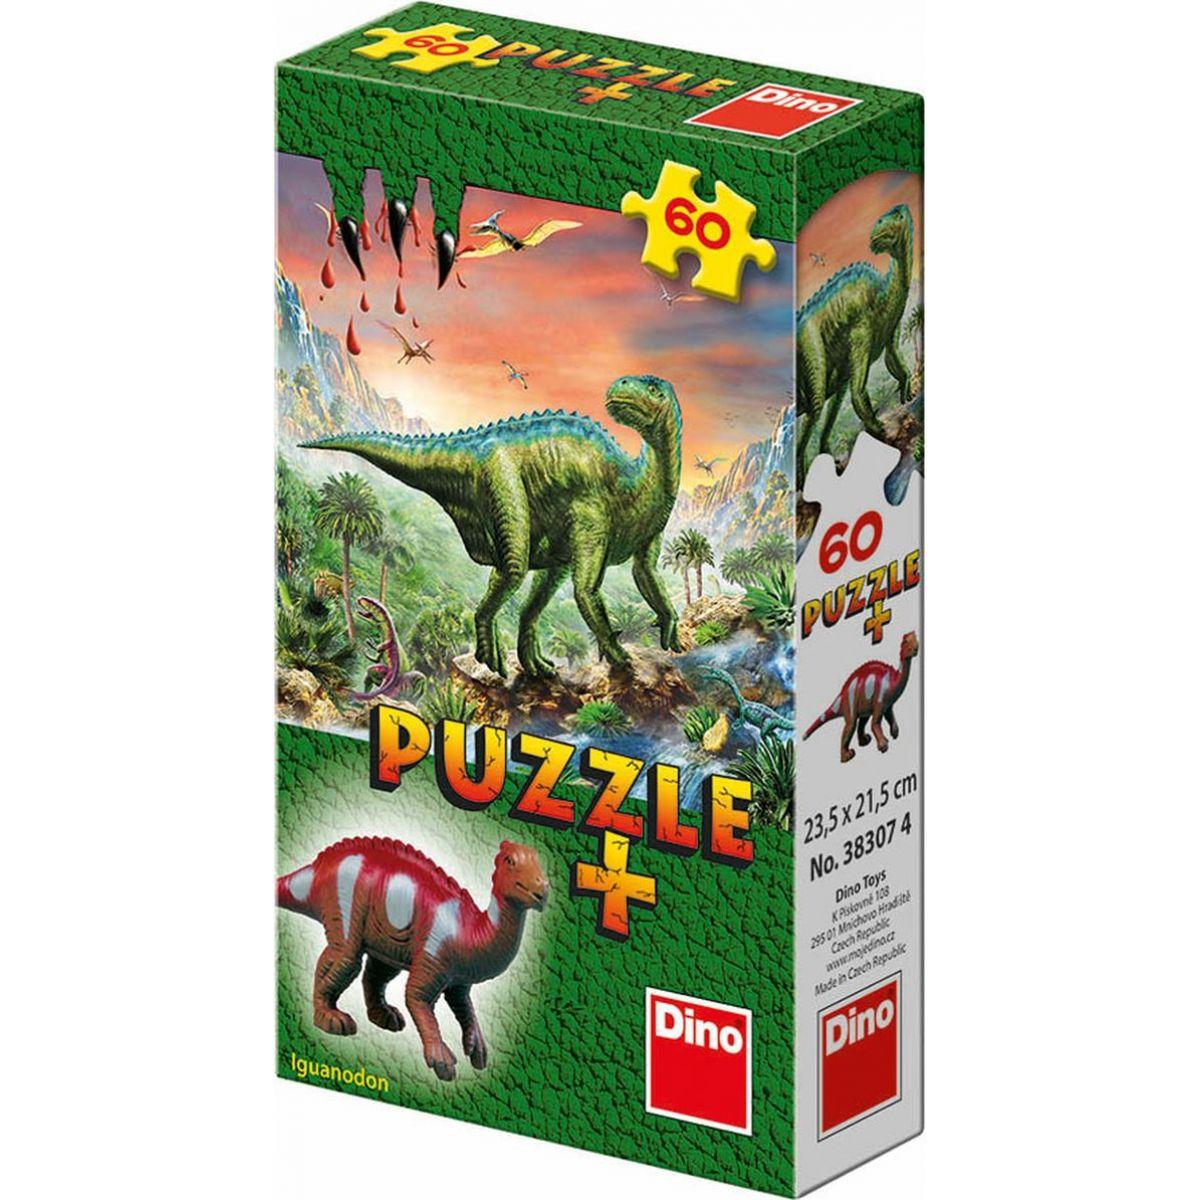 Dino Puzzle Dinosaury s figúrkou 60 dielikov- Iguanodon